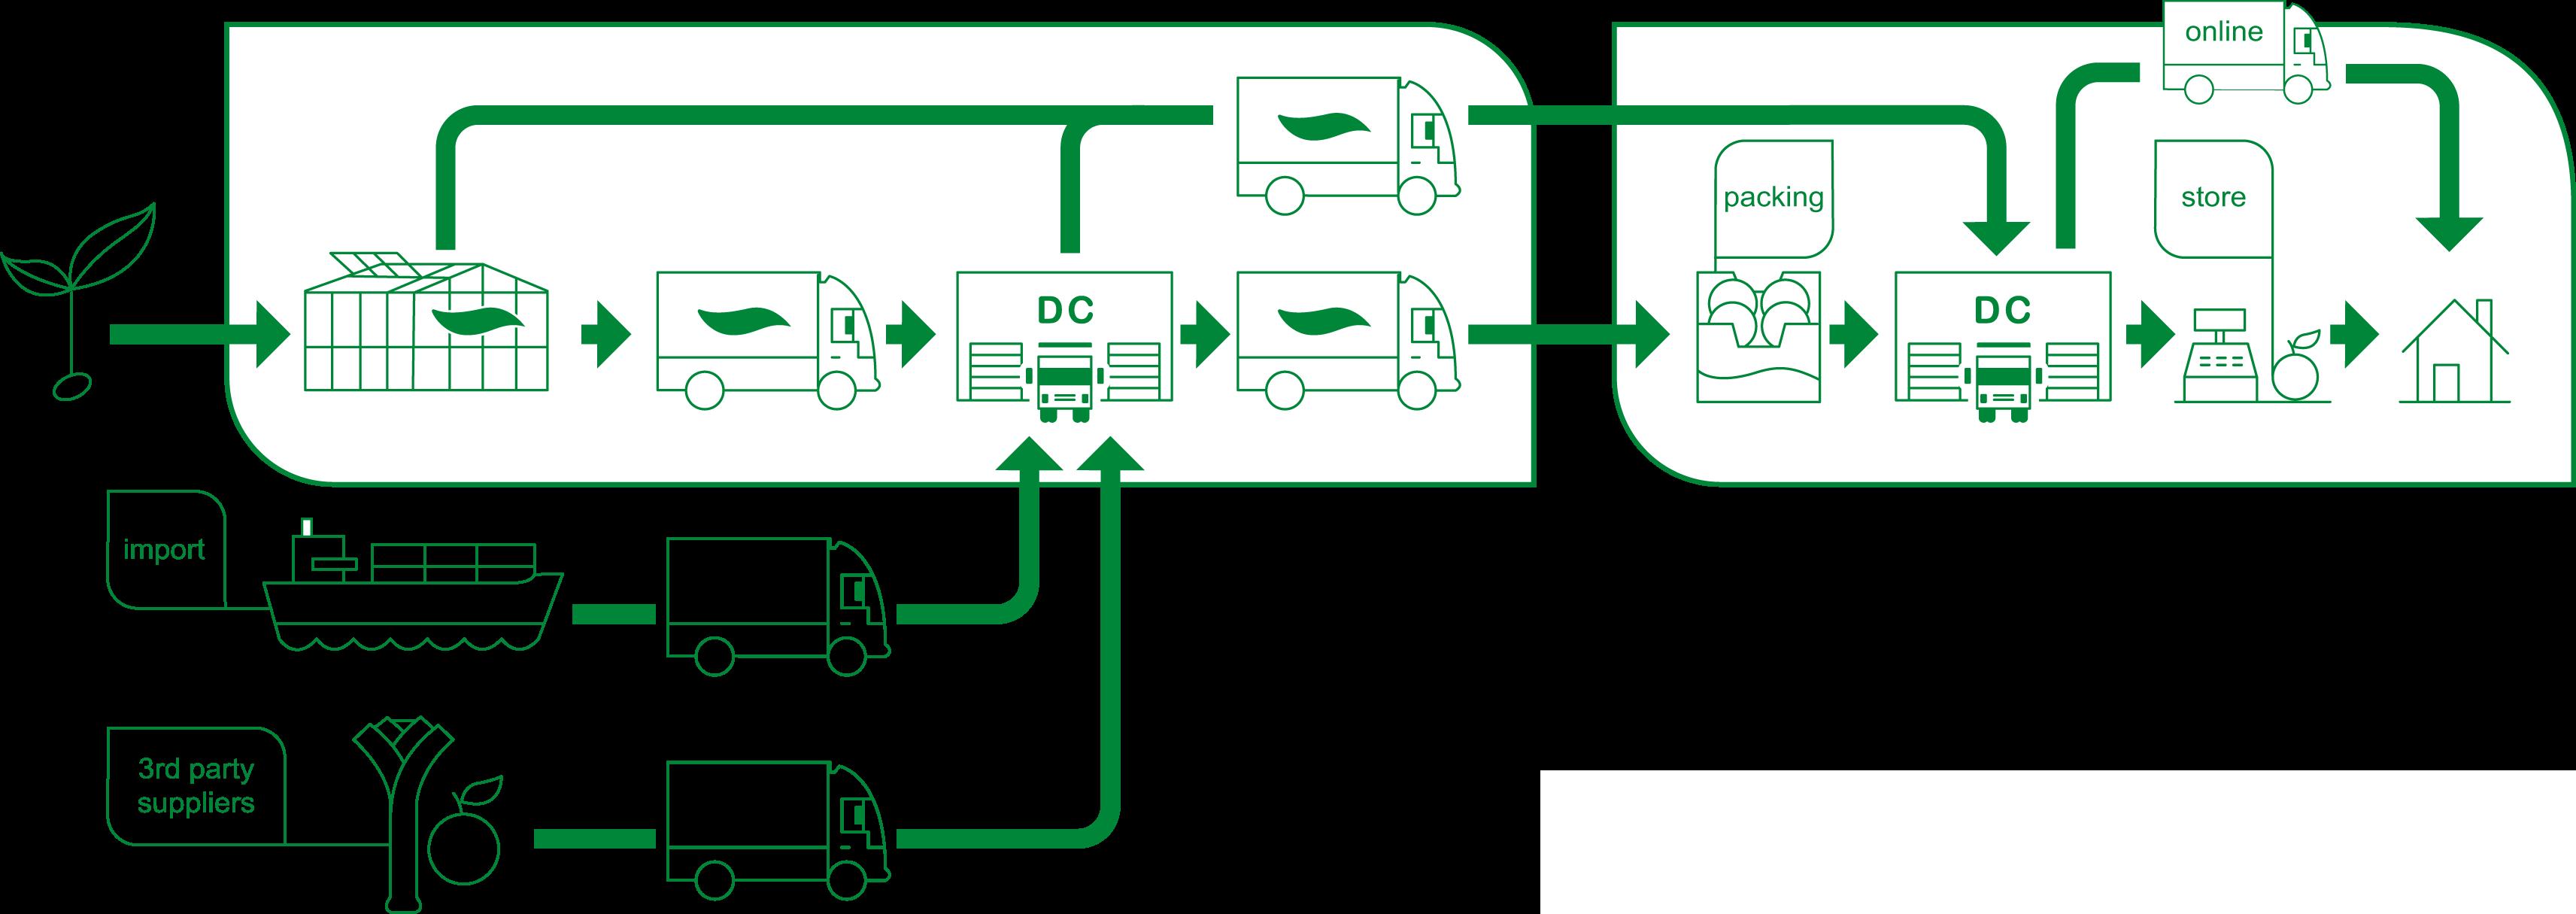 illustratie logistieke keten